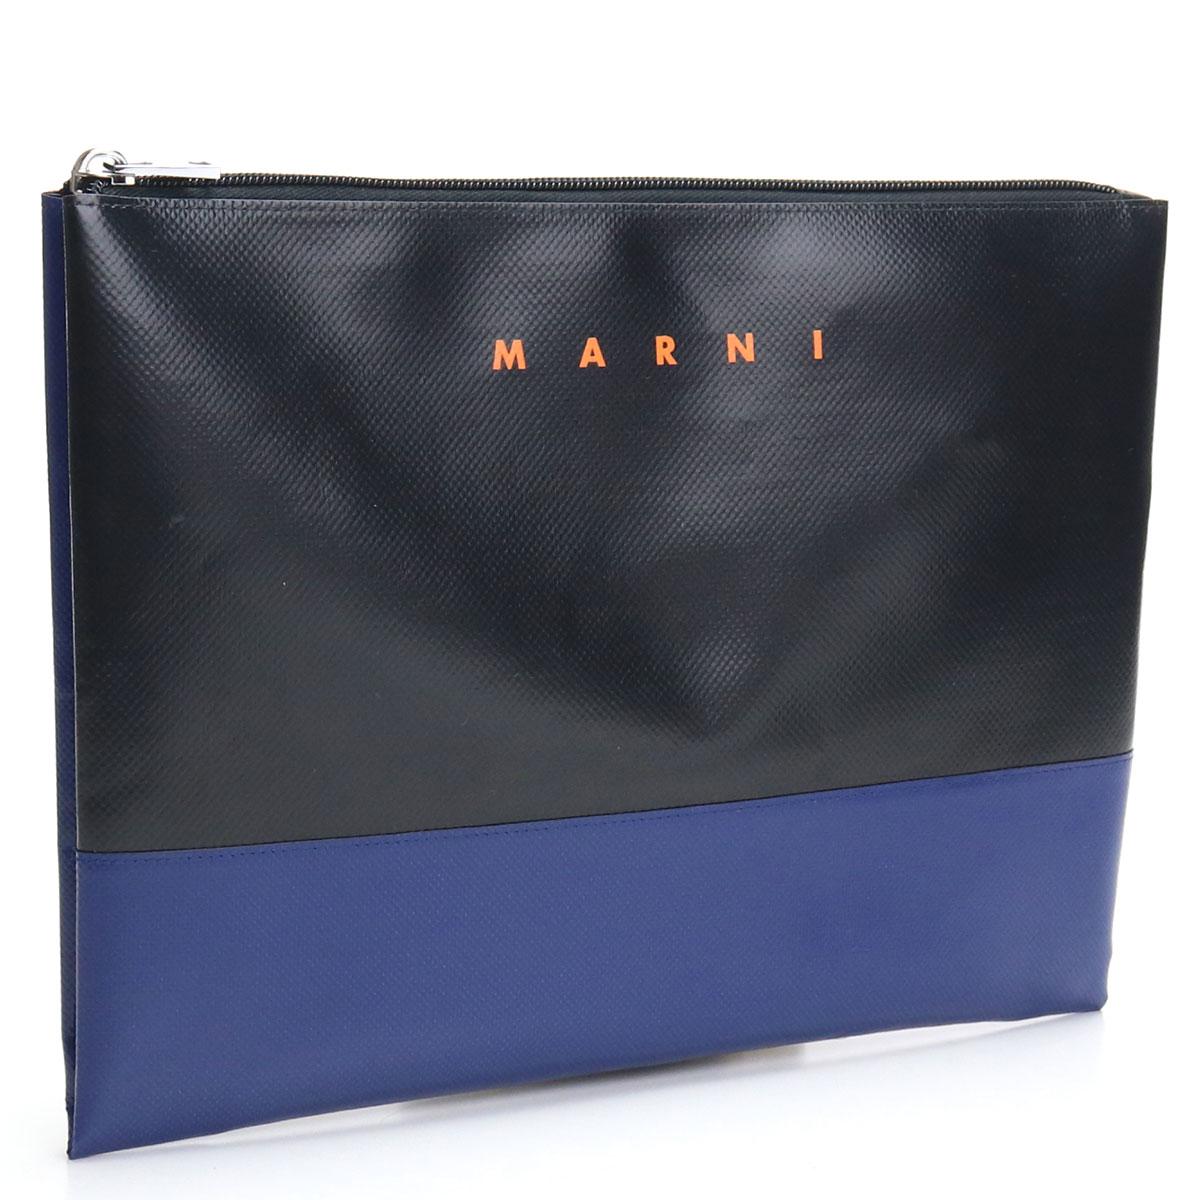 ※ 送料無料 ラッピング無料 マルニ MARNI 低価格 クラッチバッグ PHMI0001A2 P3572 ファクトリーアウトレット ブラック メンズ ZL811 seco-01 bos-22 bag-01 ブルー系